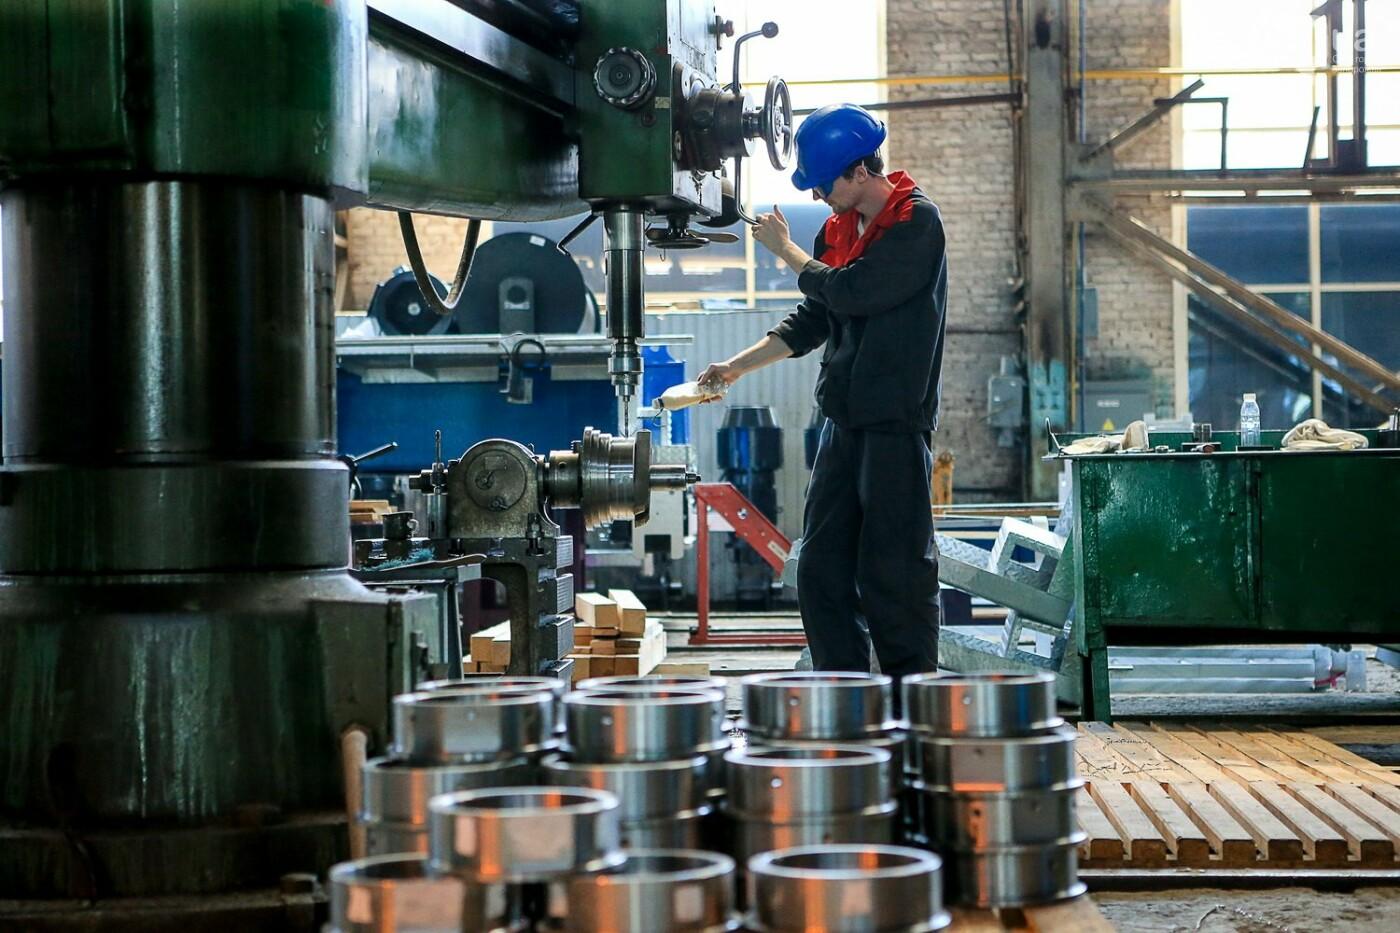 Как в Запорожье работает крупнейший в Европе завод по производству кранов: экскурсия на производство, — ФОТОРЕПОРТАЖ, фото-39